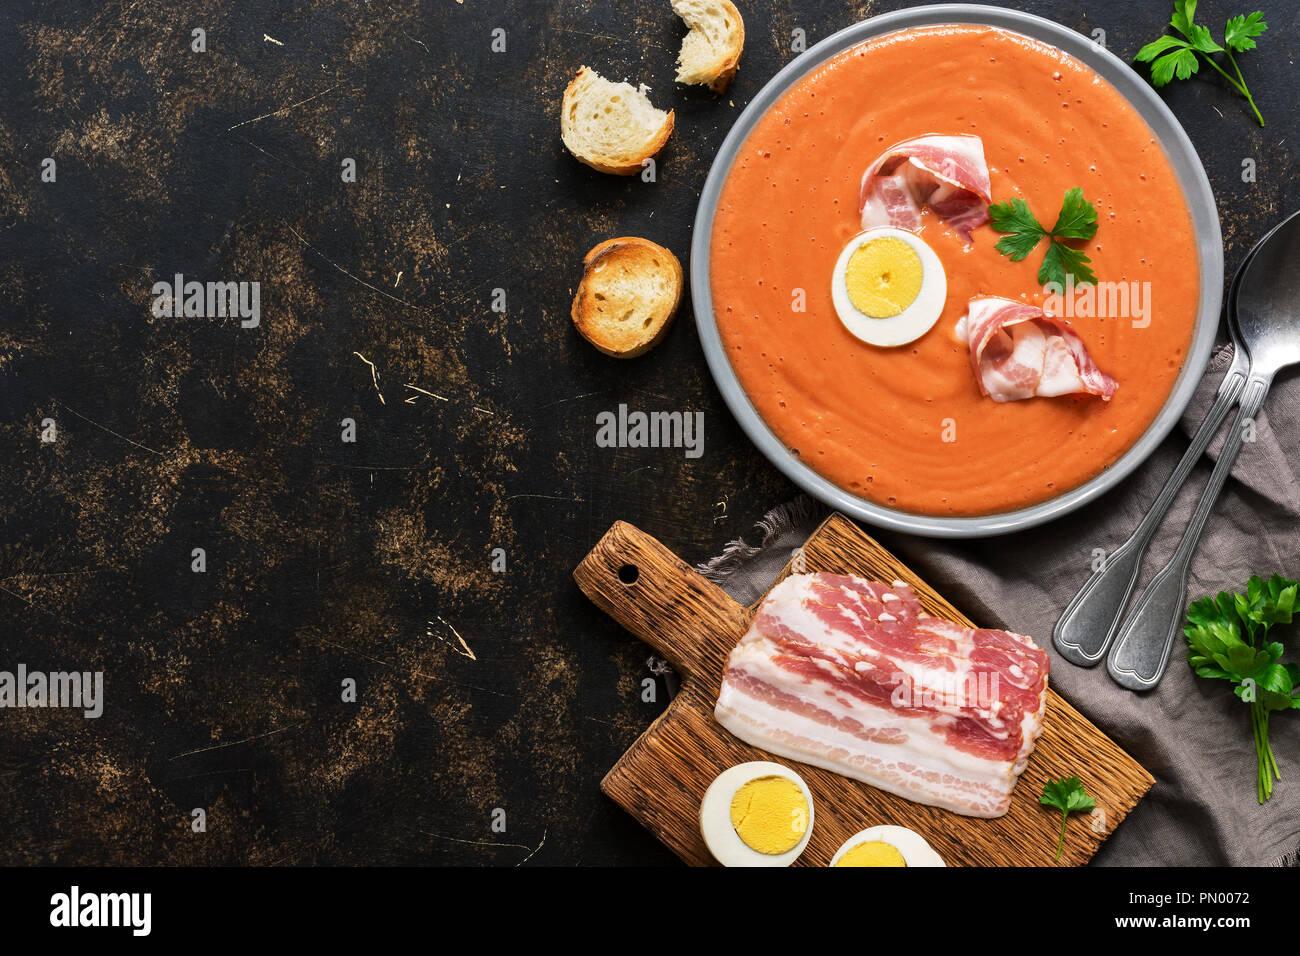 Español tradicional sopa crema de tomate andaluz - salmorejo.Vegetariana sopa de tomate. La vista desde la cima,laicos plana Imagen De Stock